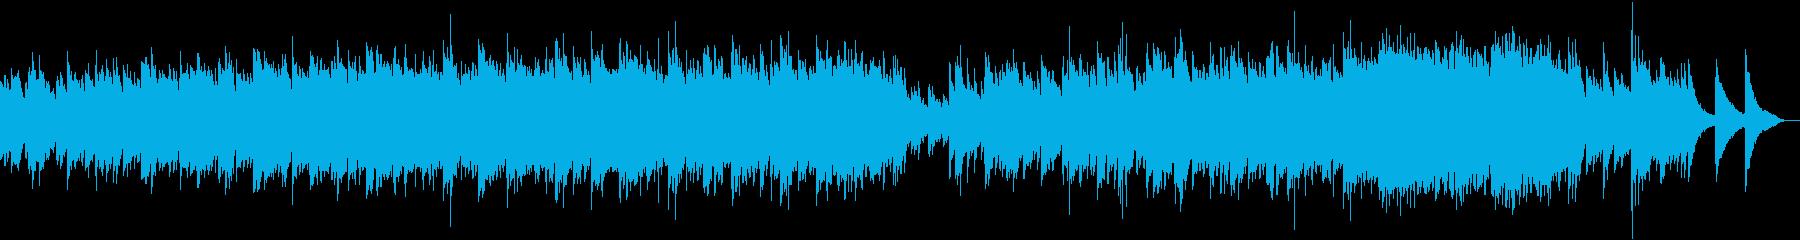 アコーステック 感情的 静か ファ...の再生済みの波形